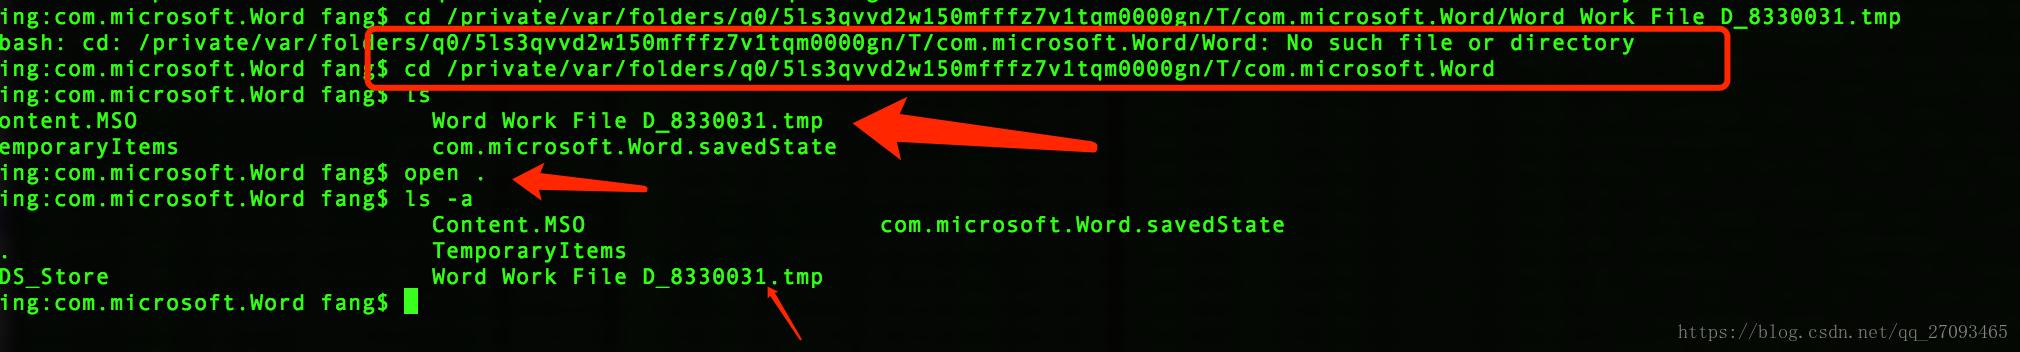 mac版office word保存后退出文件莫名被删除问题(mac word 保存文件丢失,明明保存啦,但是就是没啦,不见啦)